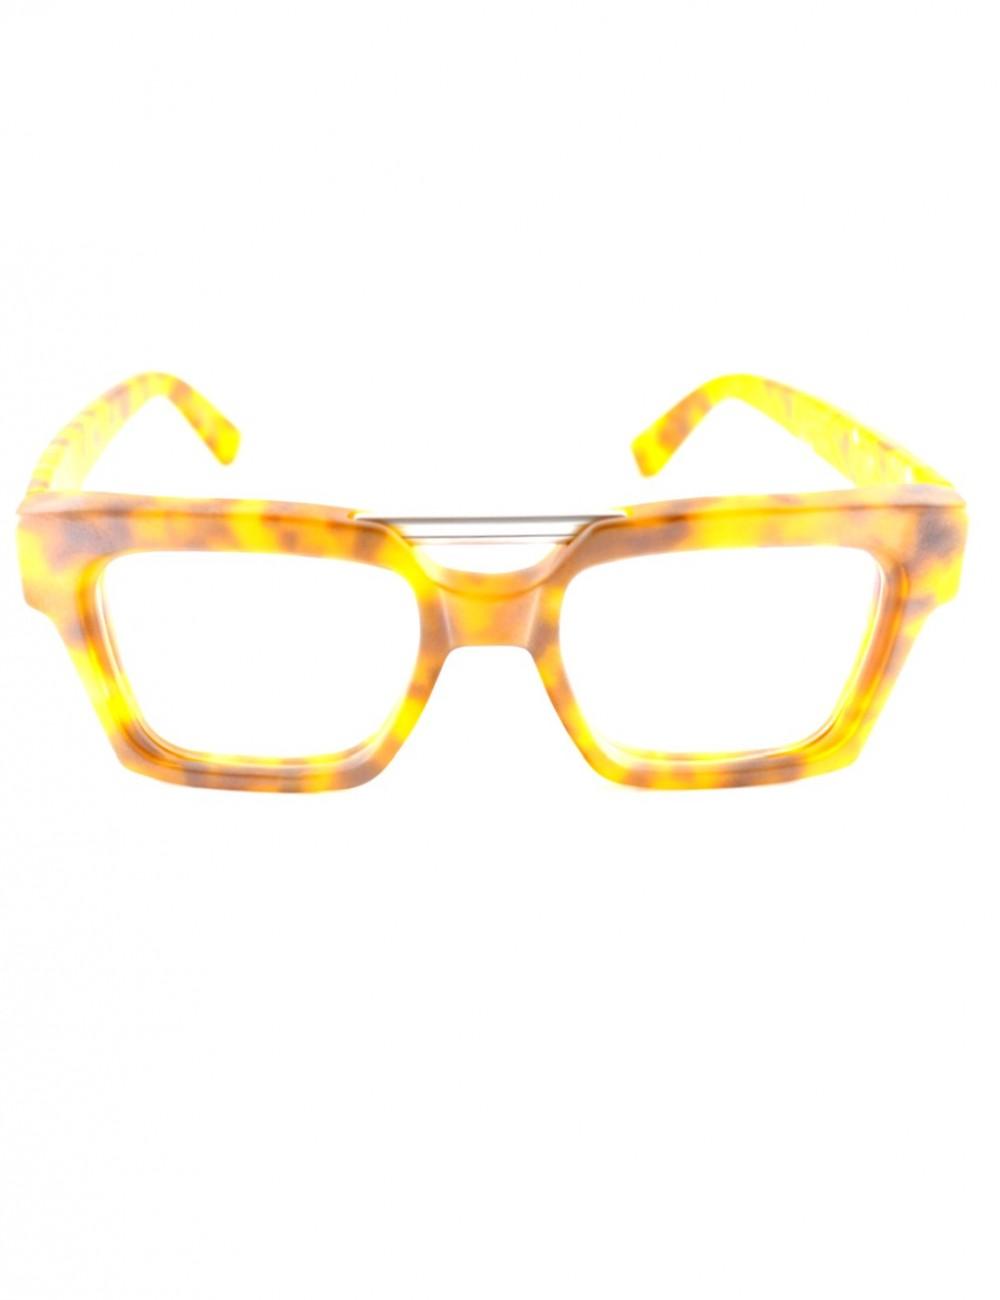 KIRK&KIRK KIRK&KIRK Eden b1 matte tort  EyewearShop Online